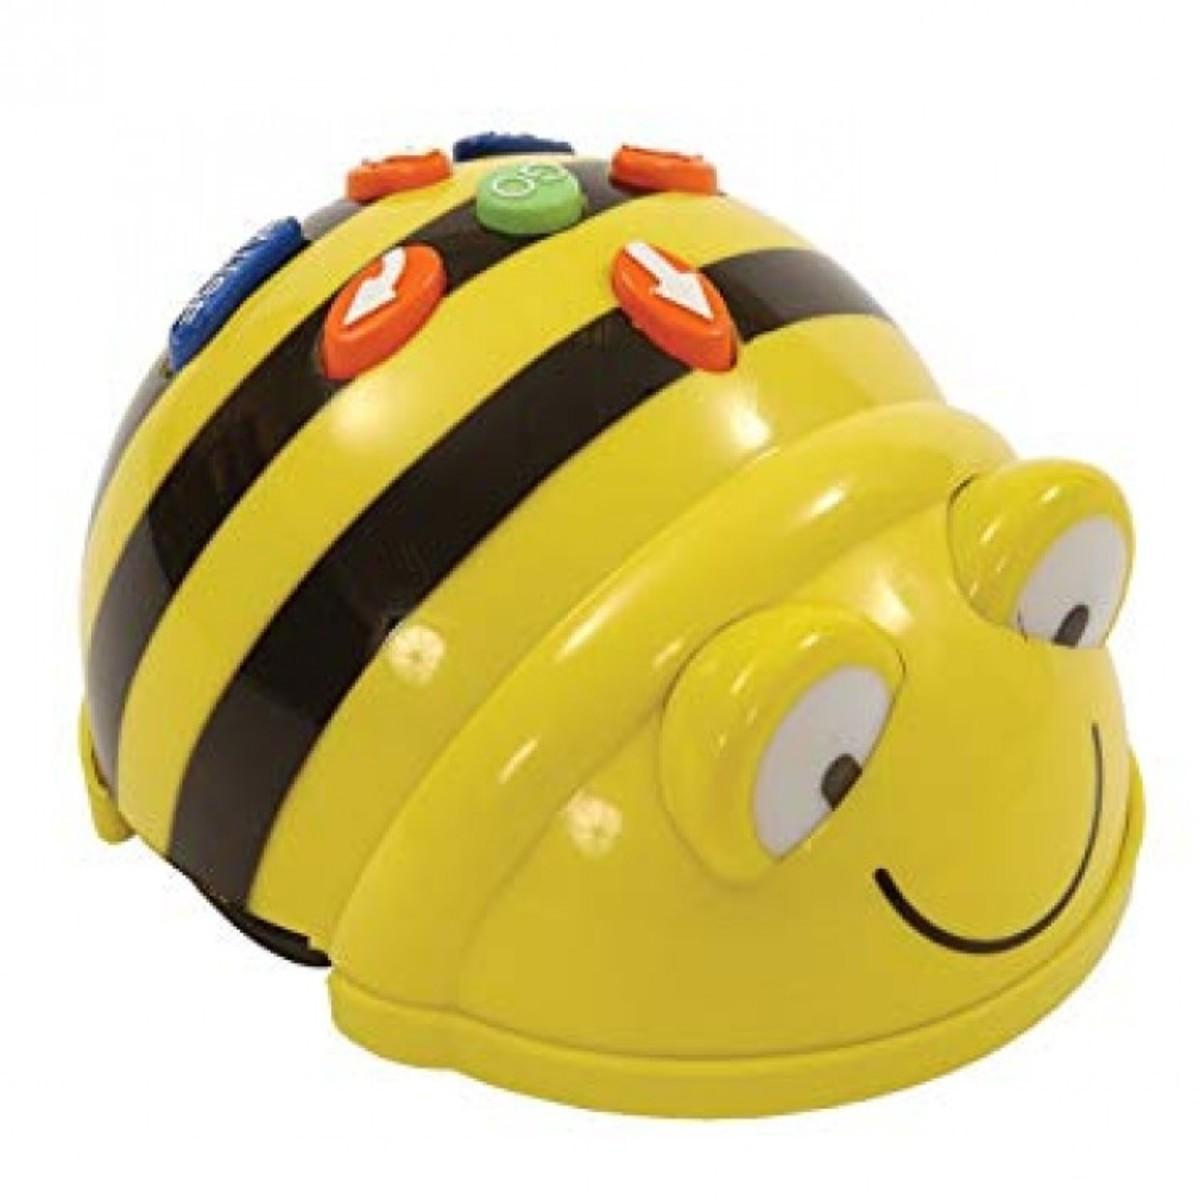 Bee-Bot® Rechargeable Floor Robot (1 year warranty)